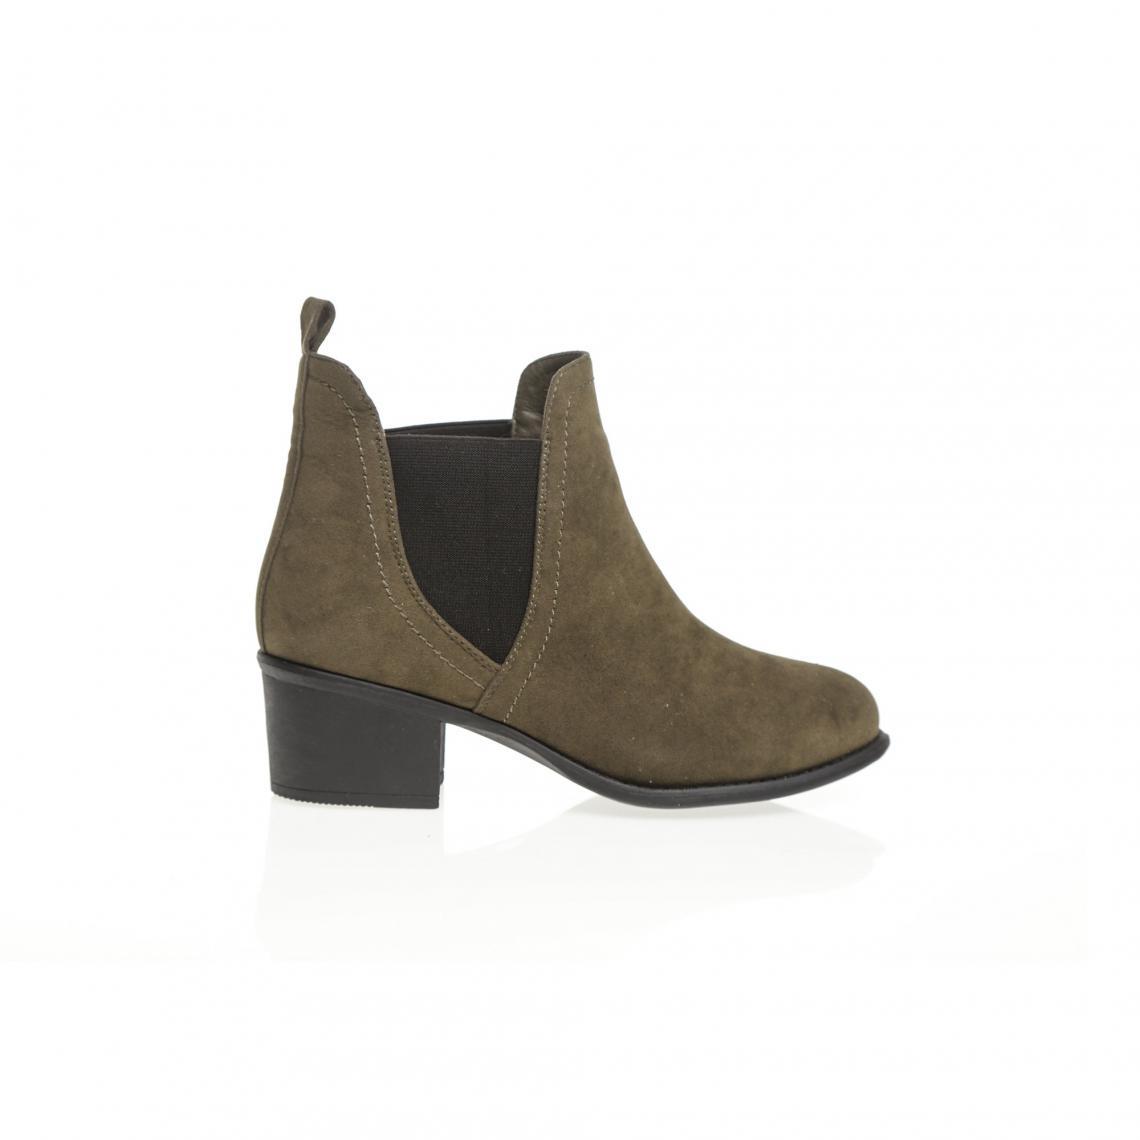 65c4d83ce19d8 Bottines élastiques latéraux femme - Kaki 3 SUISSES Femme Cliquez l image  pour l agrandir. Boots 3 SUISSES